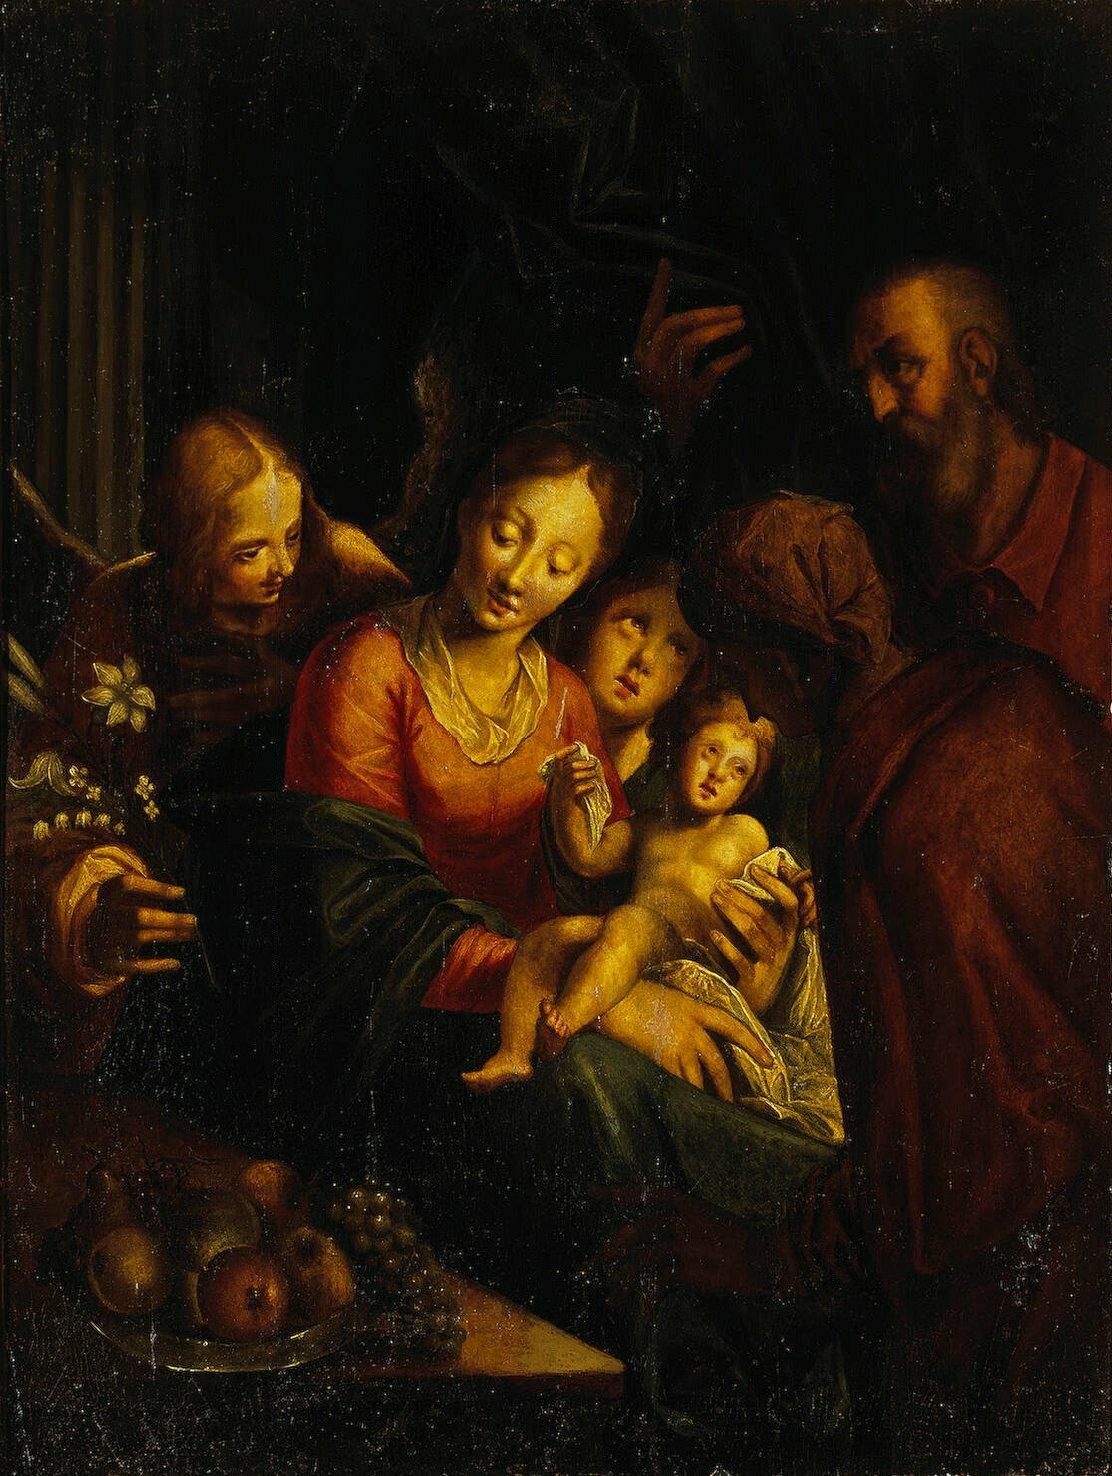 Ганс фон Аахен, Святое Семейство